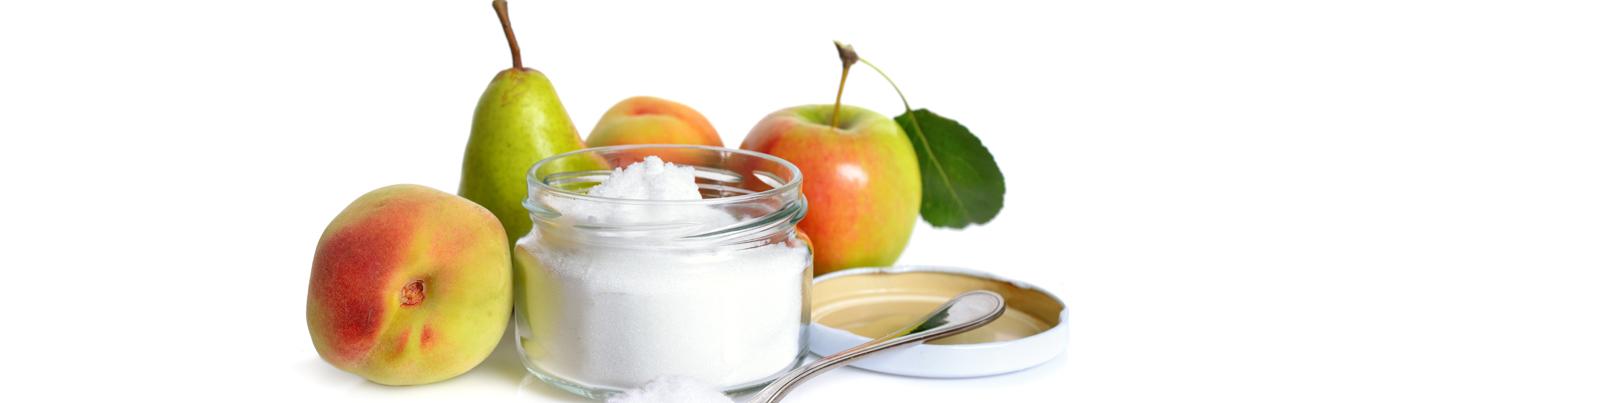 Pfirsich, Birne, Apfel und Fruchtzucker im Glas